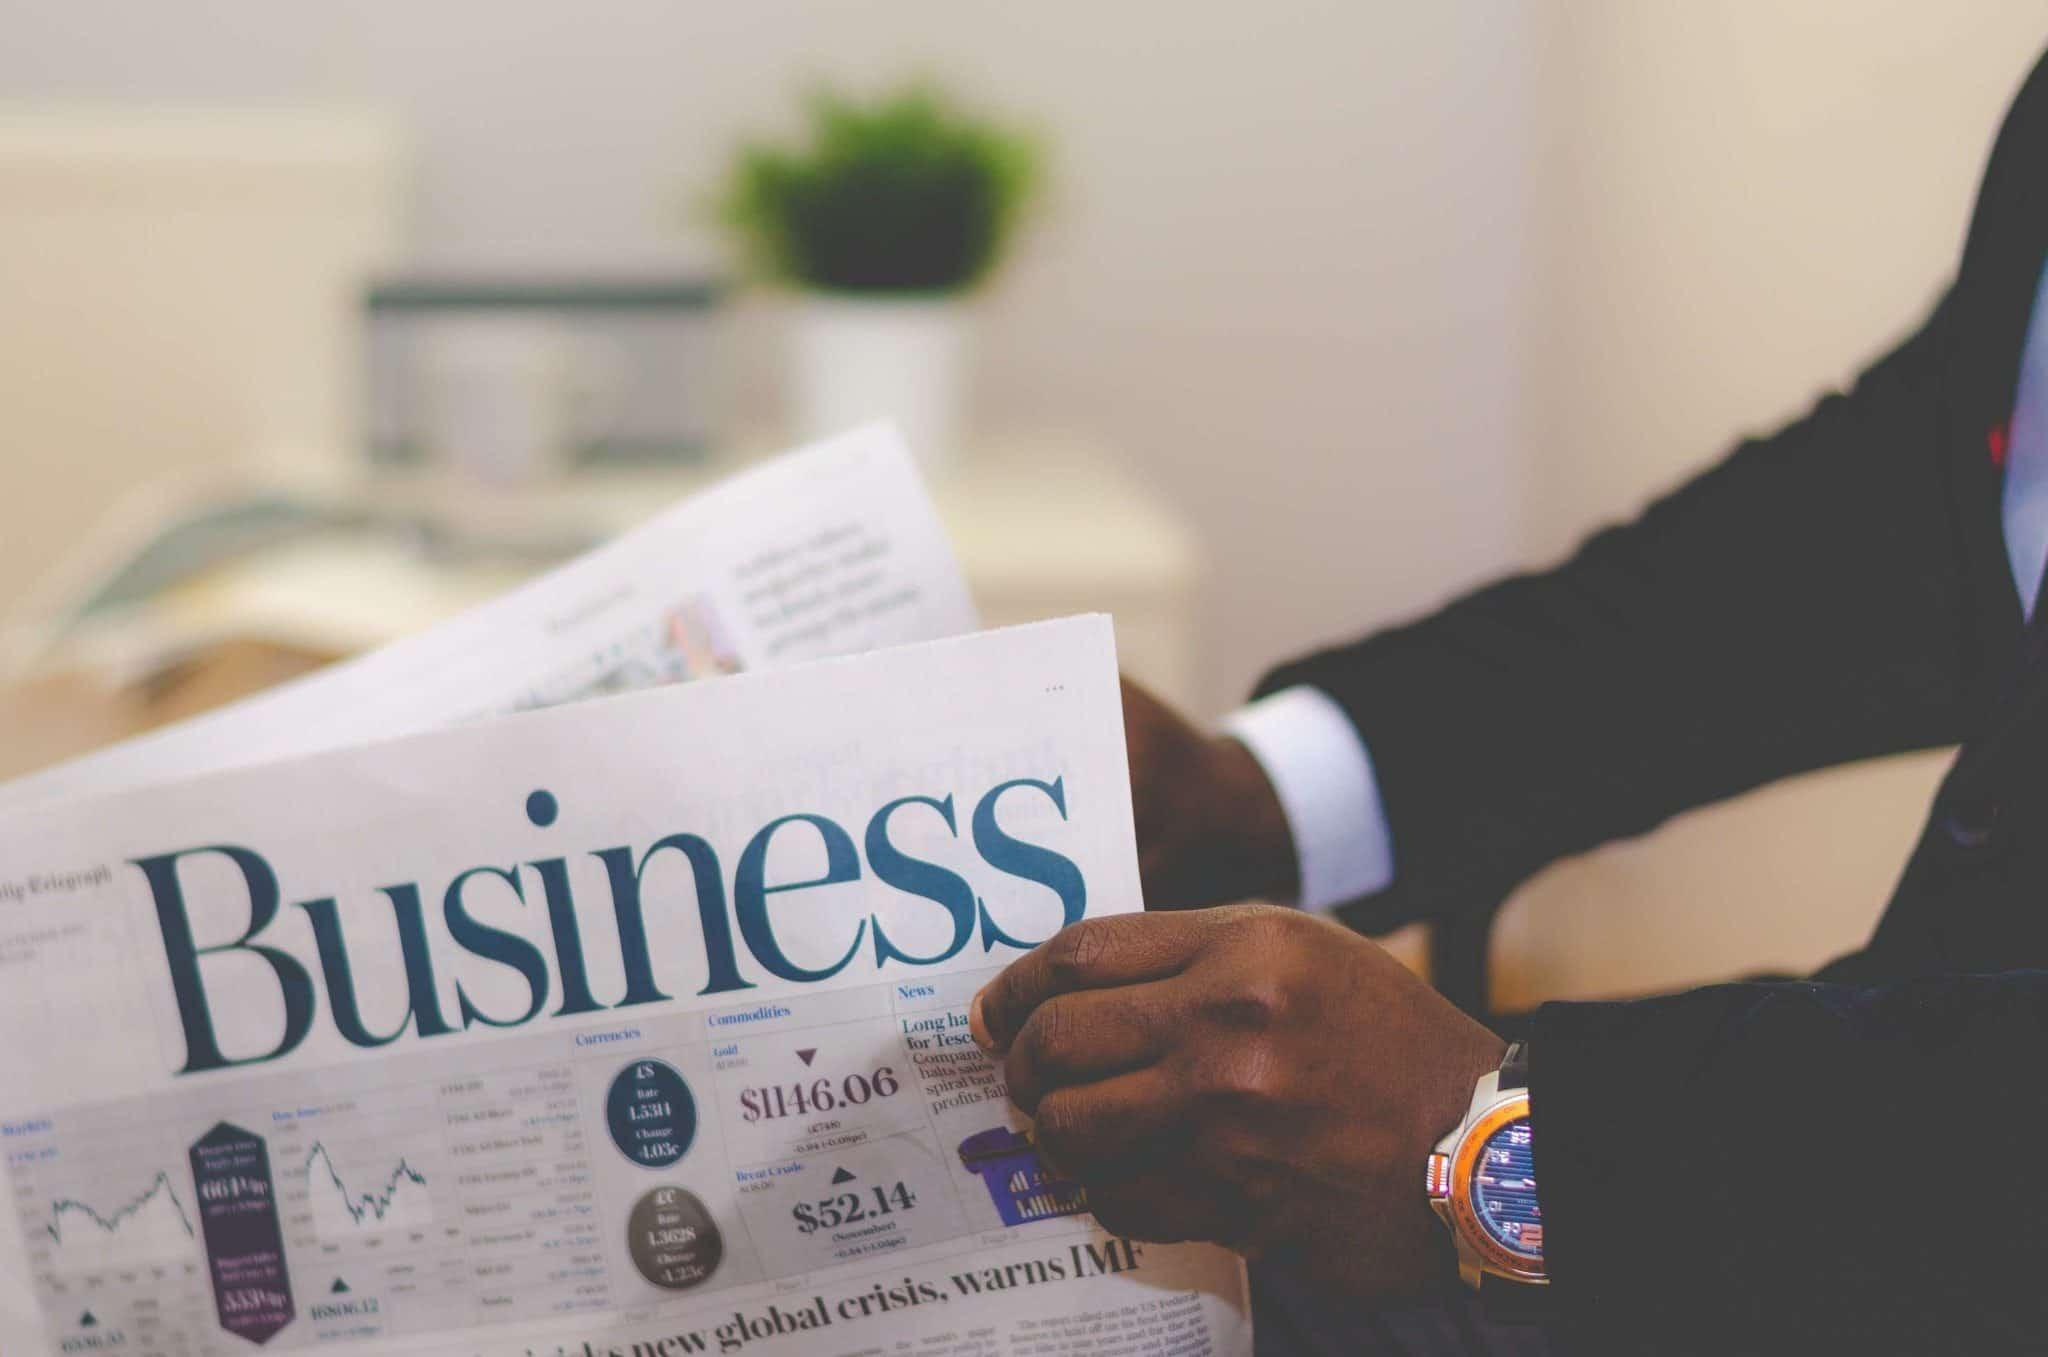 कुछ व्यापारी के व्यवसाय परिसर के बाहर जीएसटी नंबर क्यों लिखा है और यह क्यों